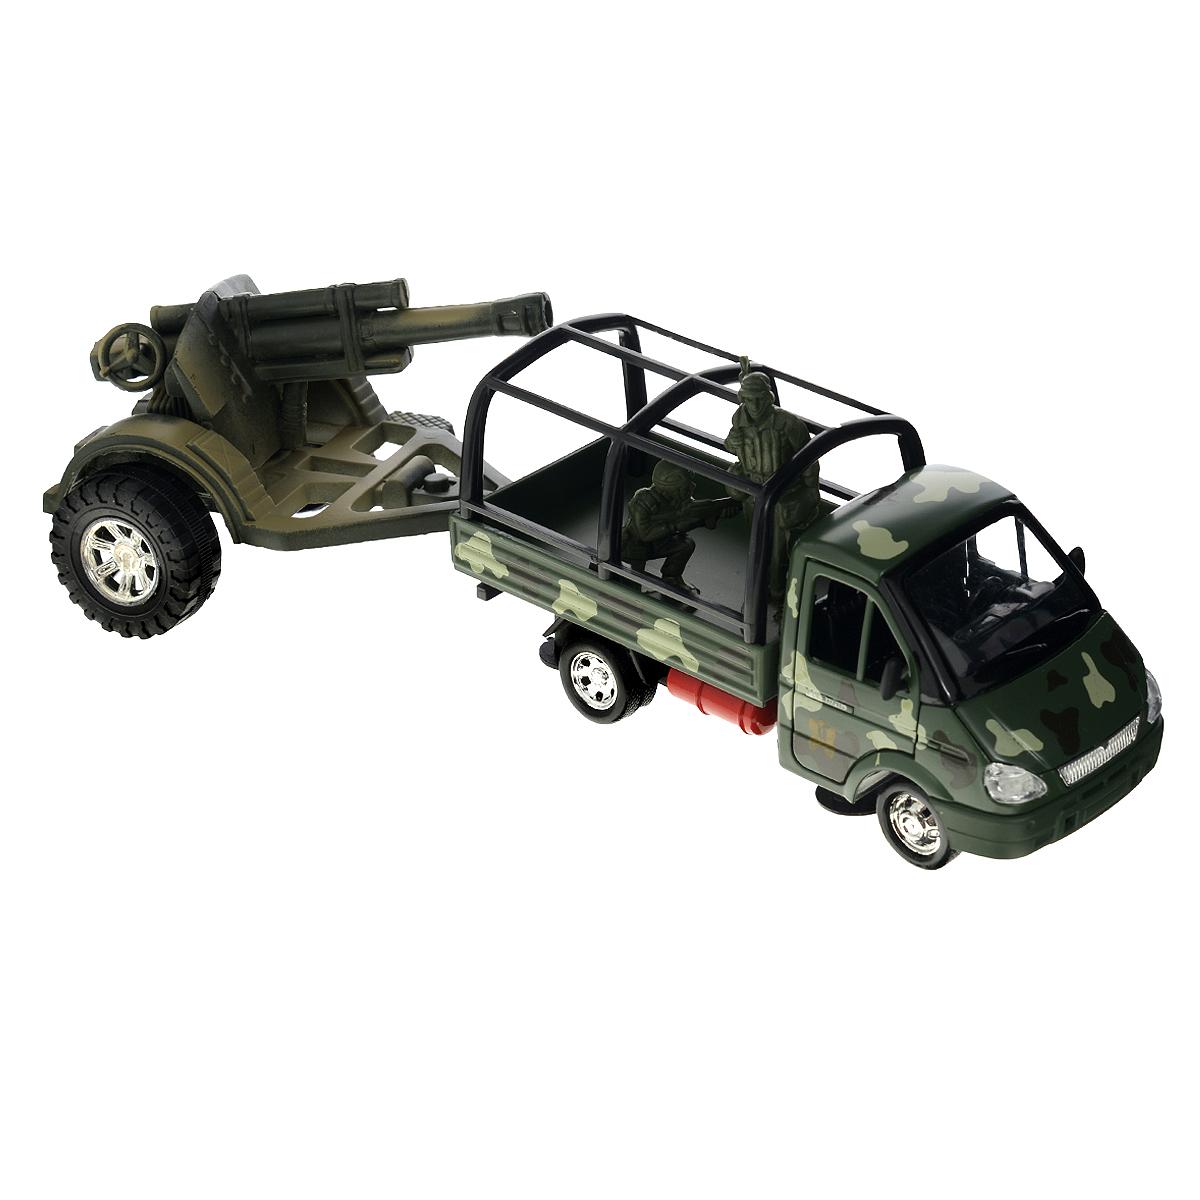 ТехноПарк Модель автомобиля Газель с пушкой хафиз газели часть 1